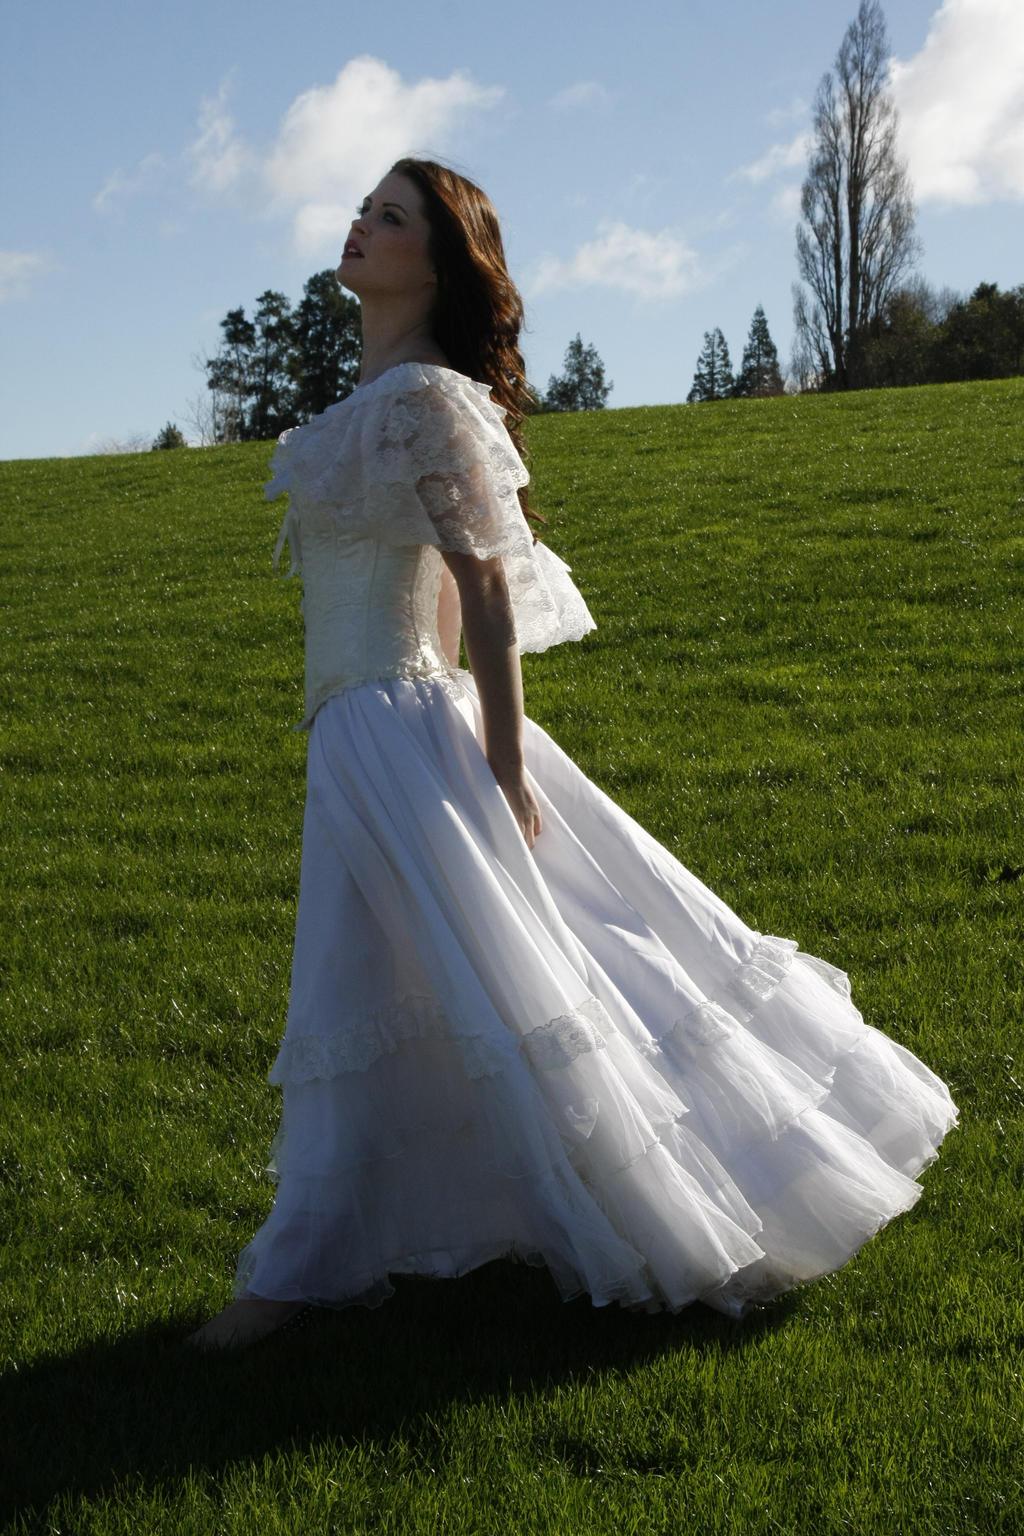 Danielle white dress 9 by CathleenTarawhiti